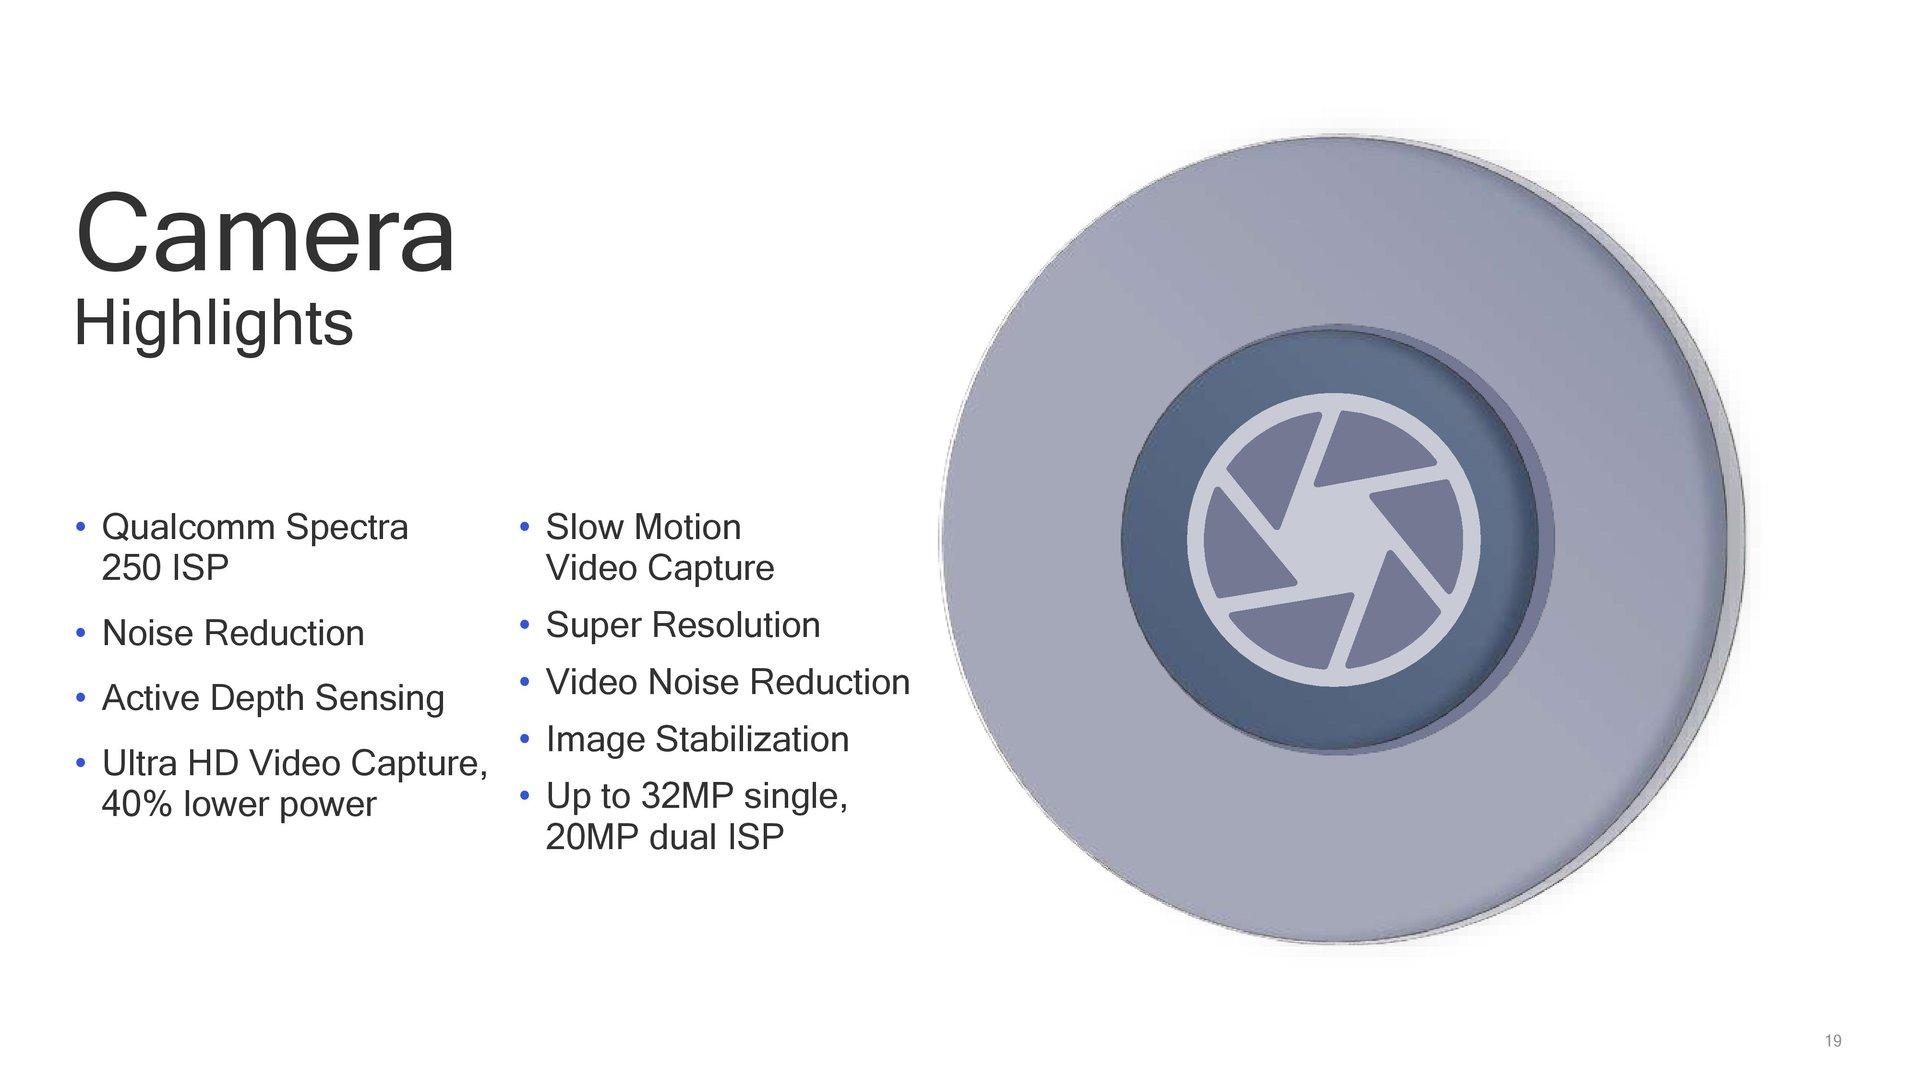 Neue Kamera-Funktionen im Überblick